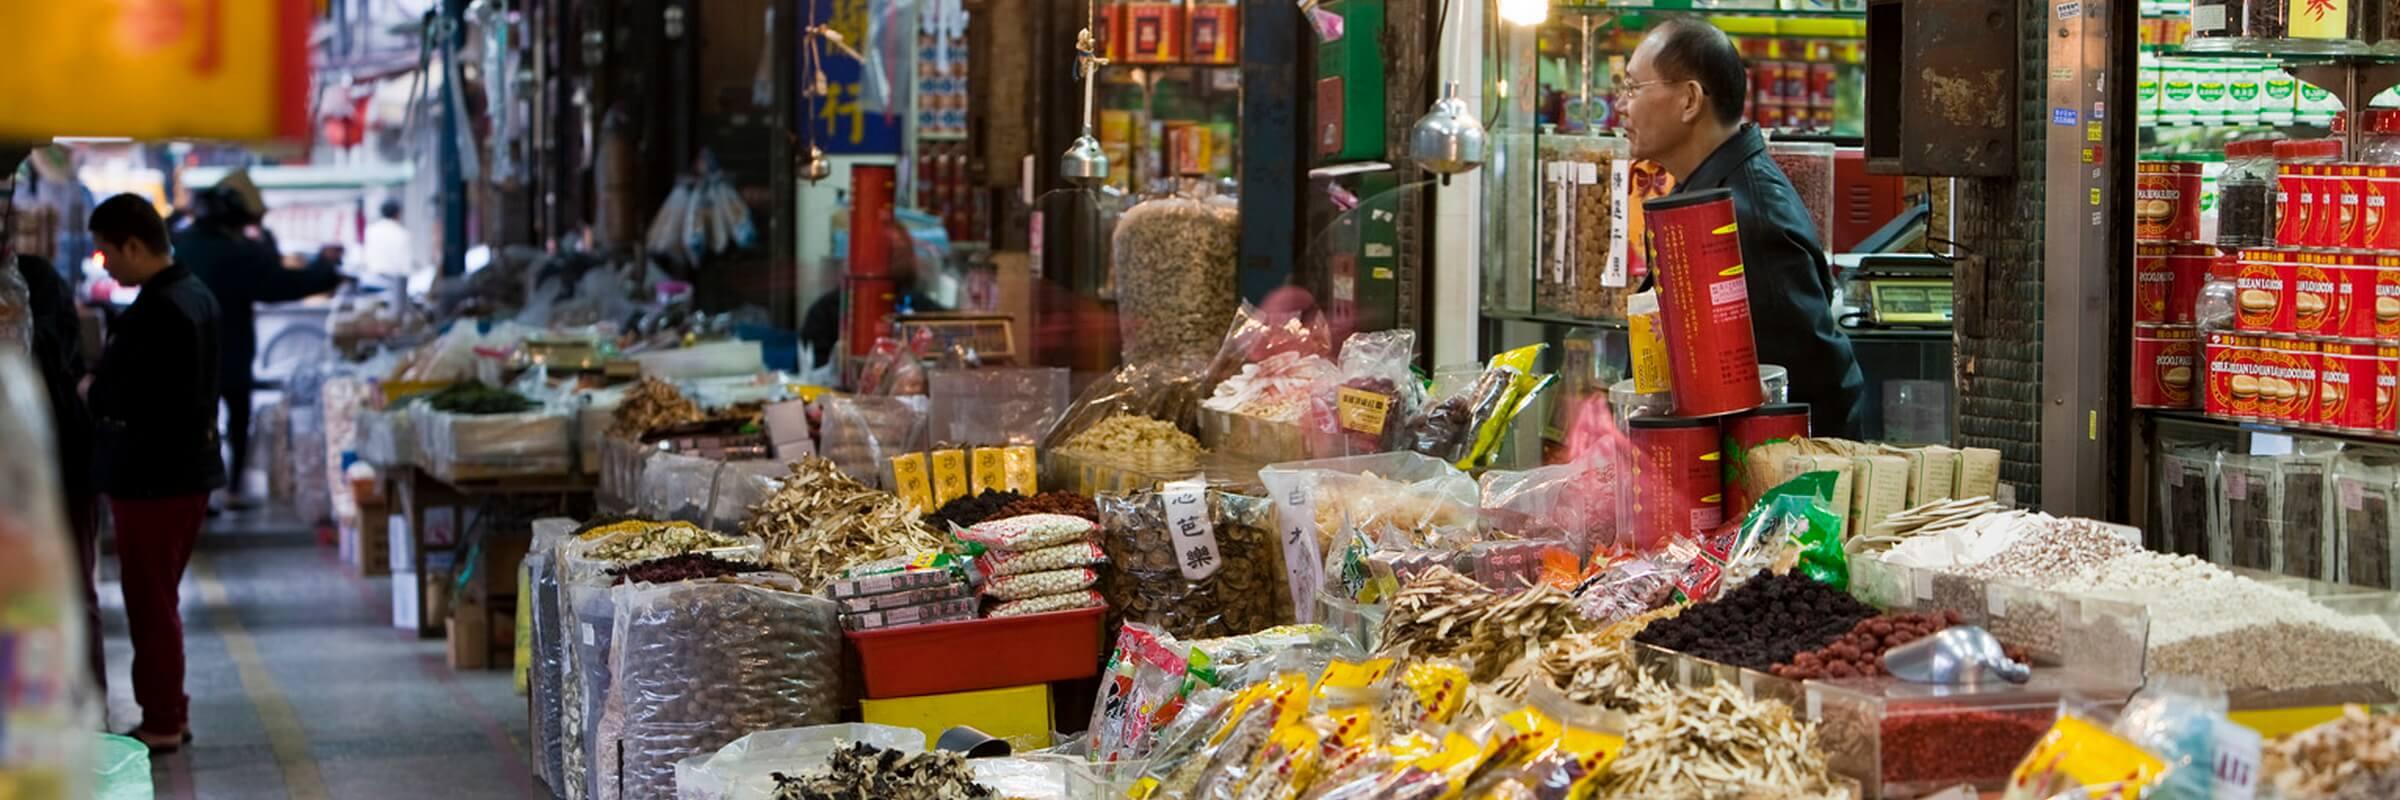 Die Dihua Street in Taipeh ist bekannt für ihre vielen farbenfrohen Marktstände und kleine Läden.